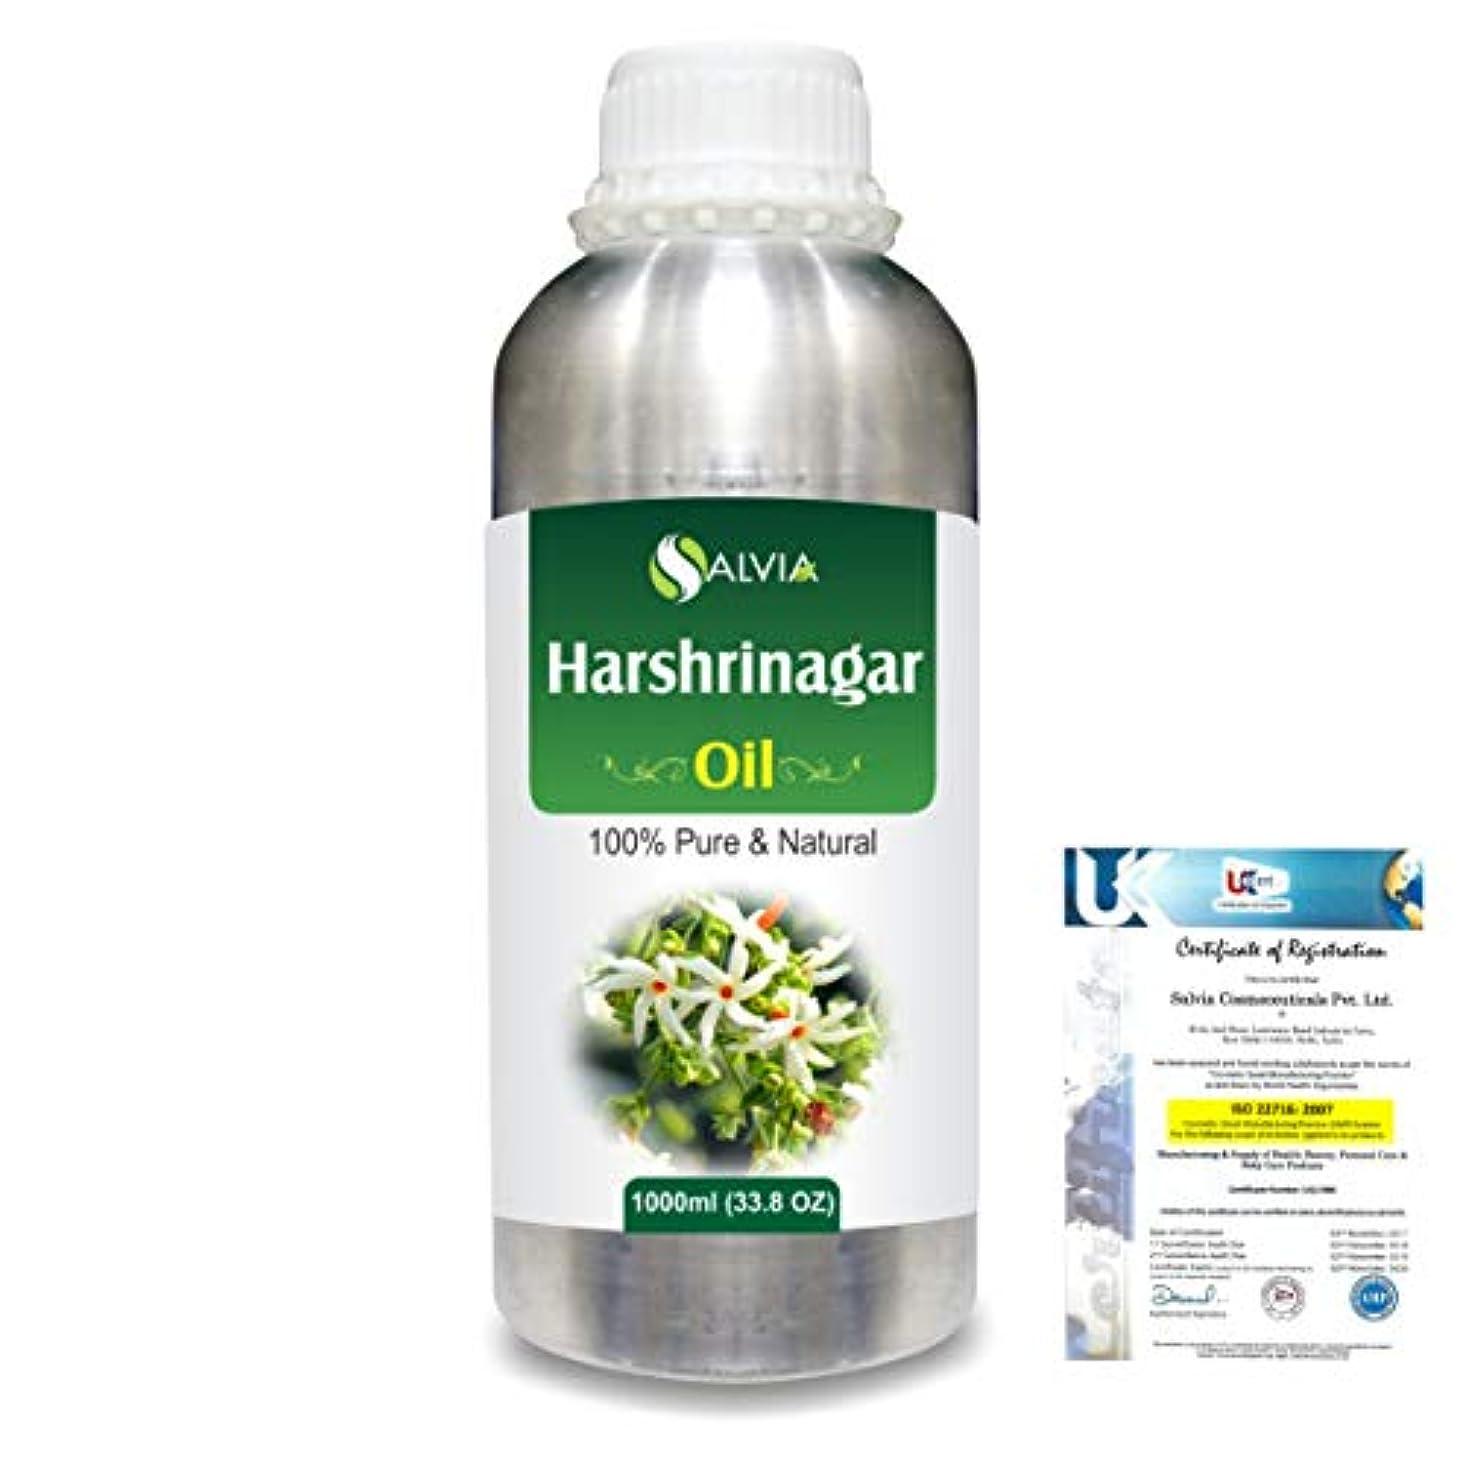 判読できない遺伝子太平洋諸島Harshringar (Nyctanthes arbor-tristis) 100% Natural Pure Essential Oil 1000ml/33.8fl.oz.